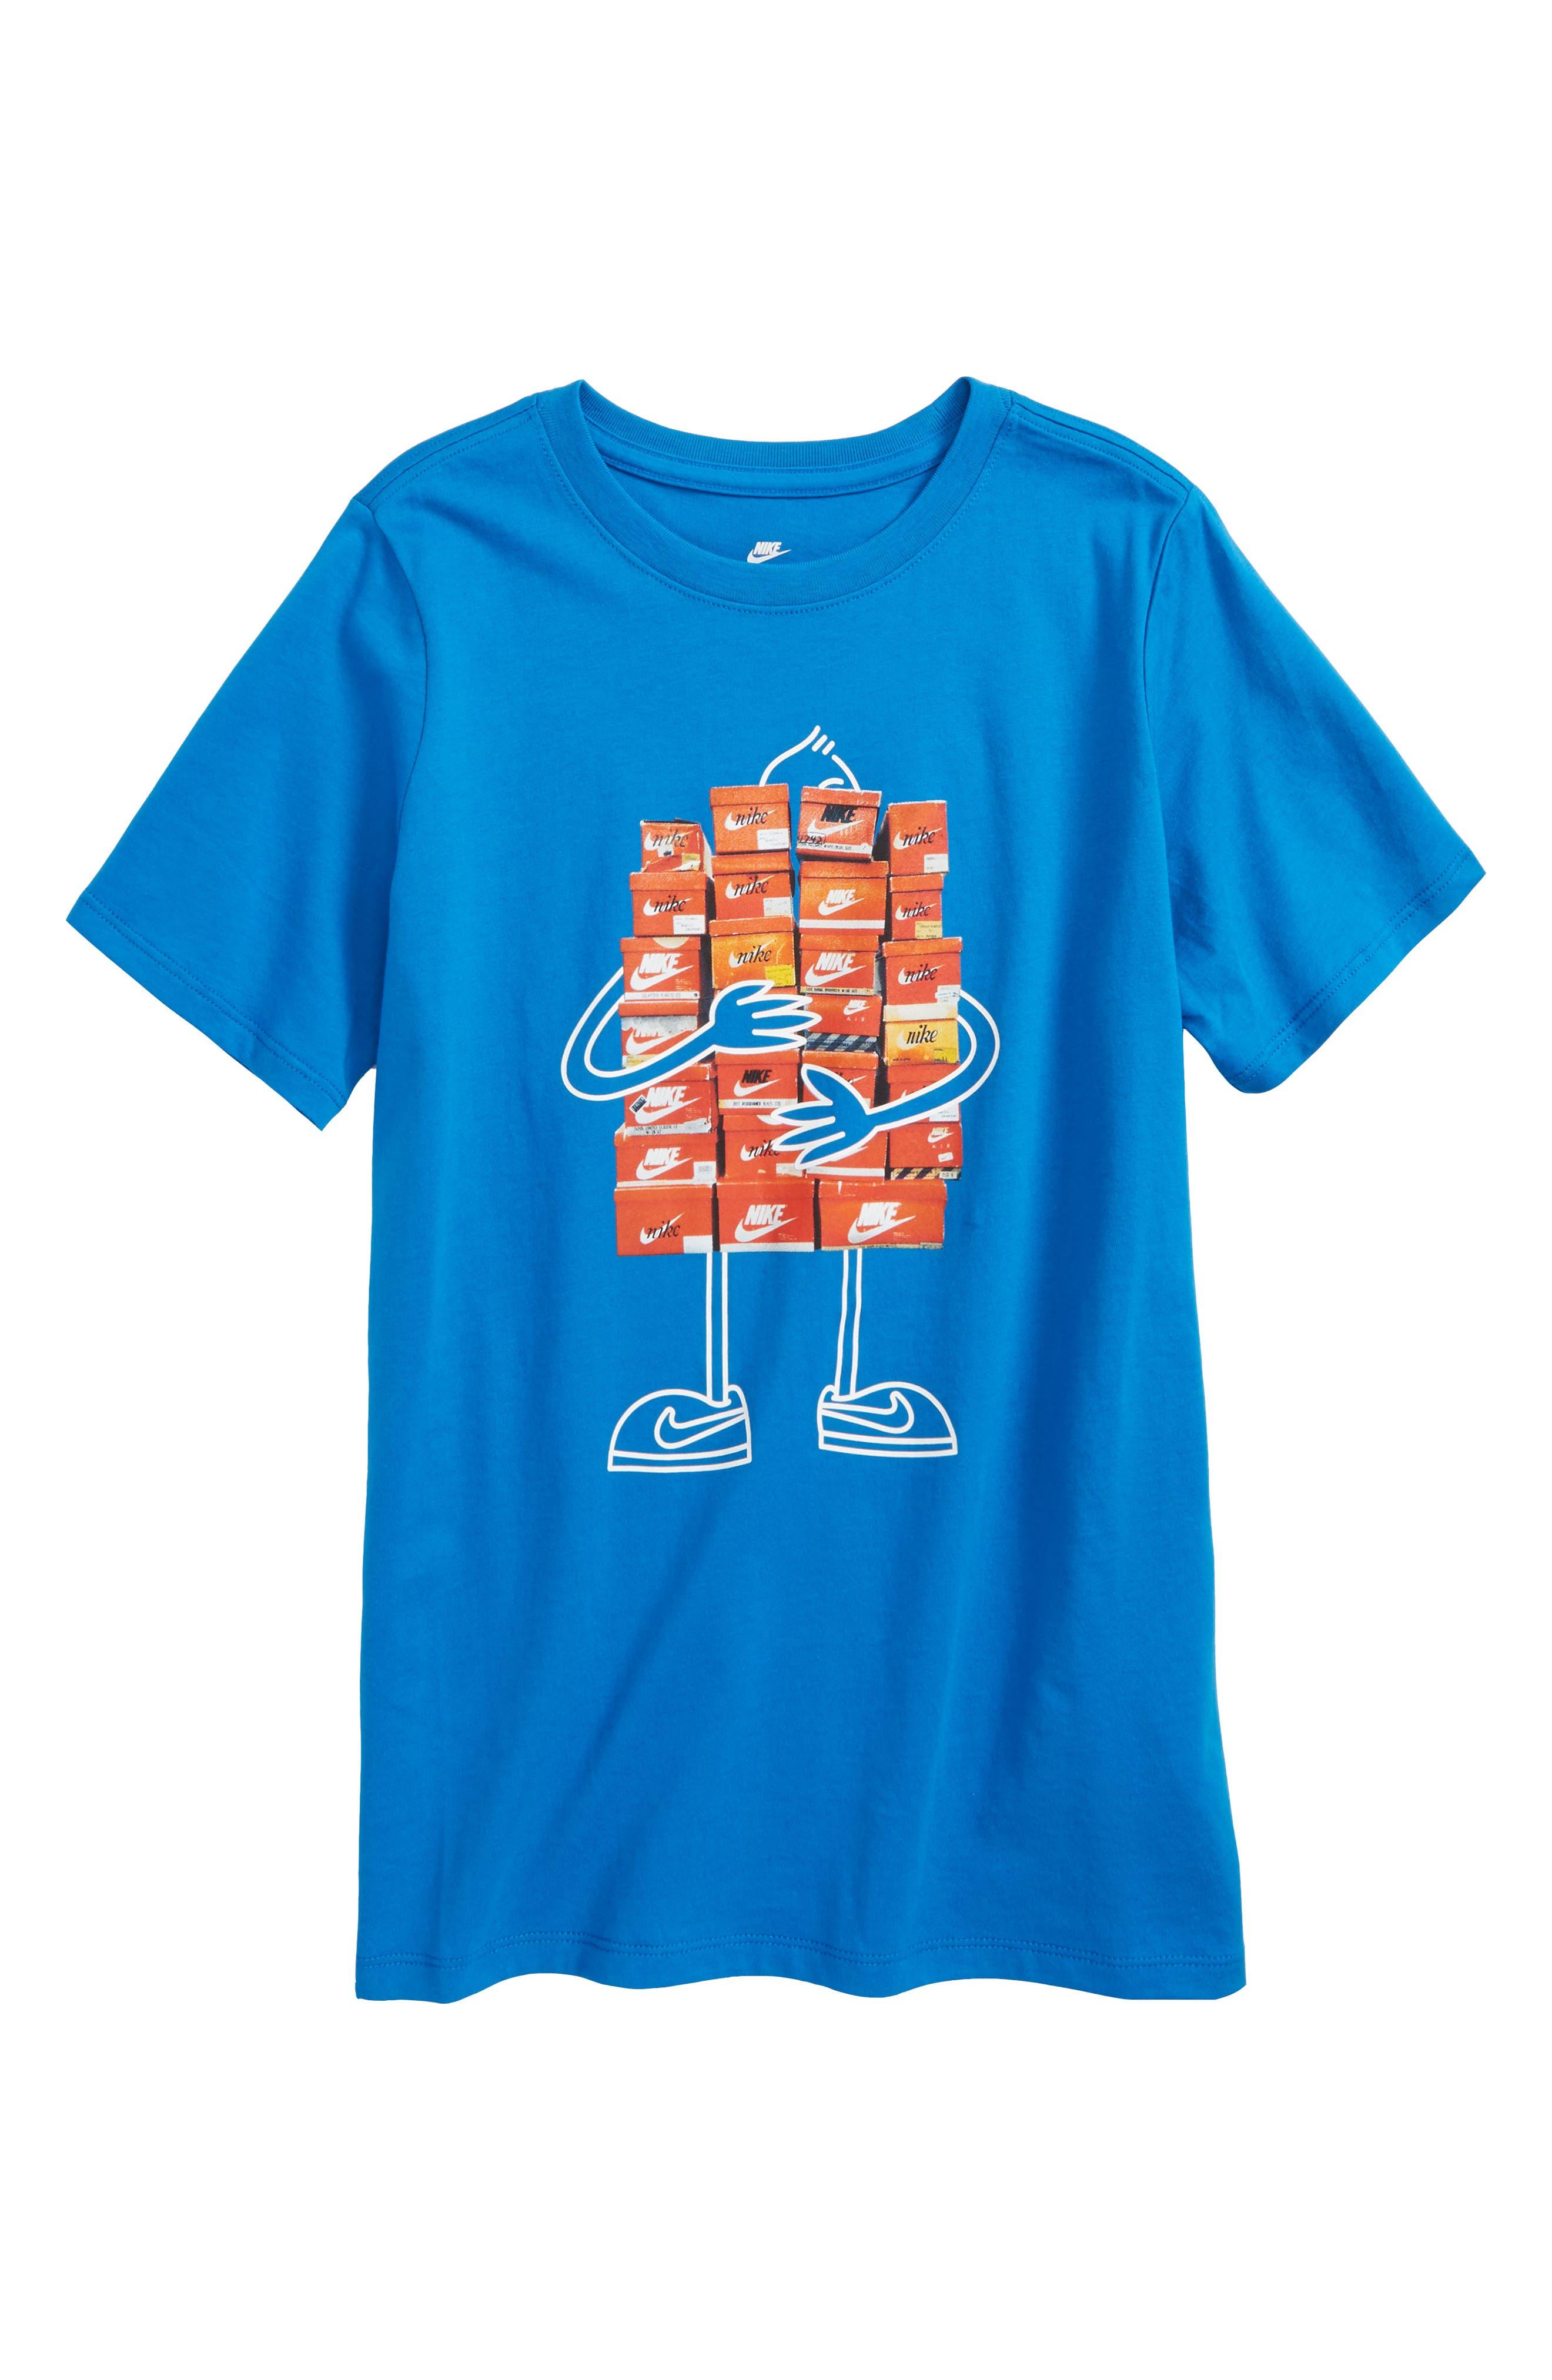 Sneaker Spree Graphic T-Shirt,                             Main thumbnail 1, color,                             Blue Nebula